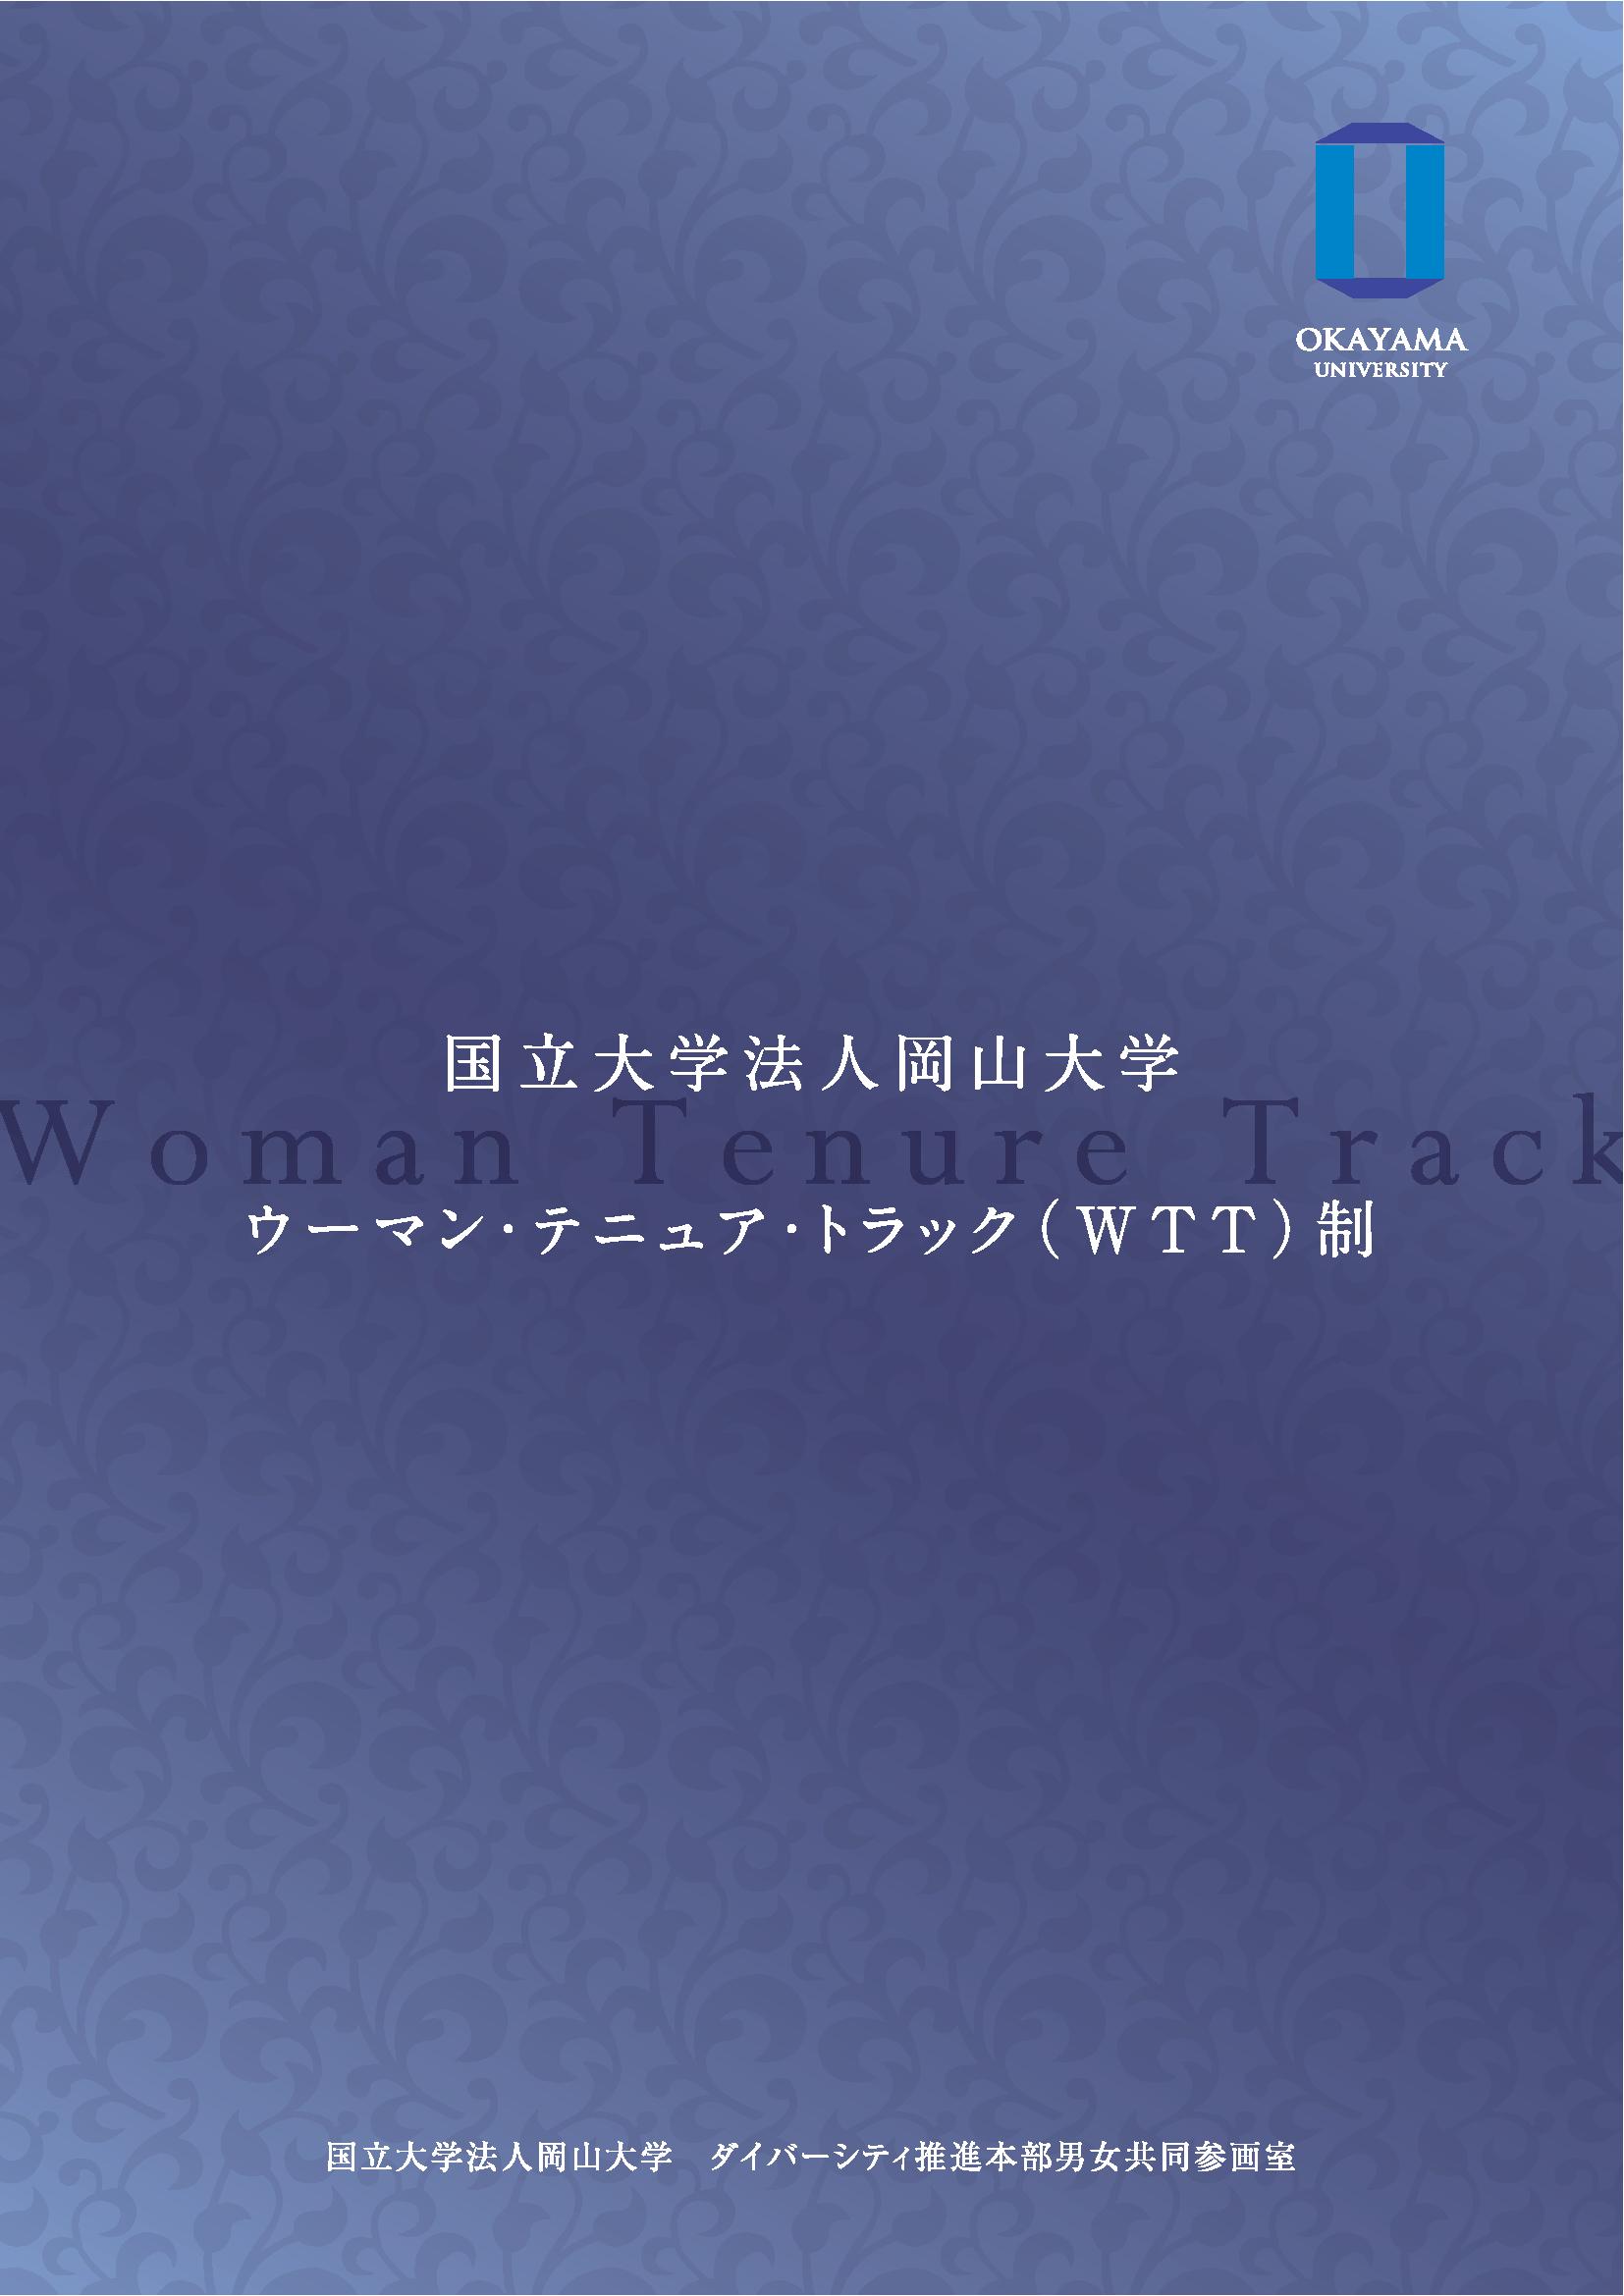 WTT制リーフレット